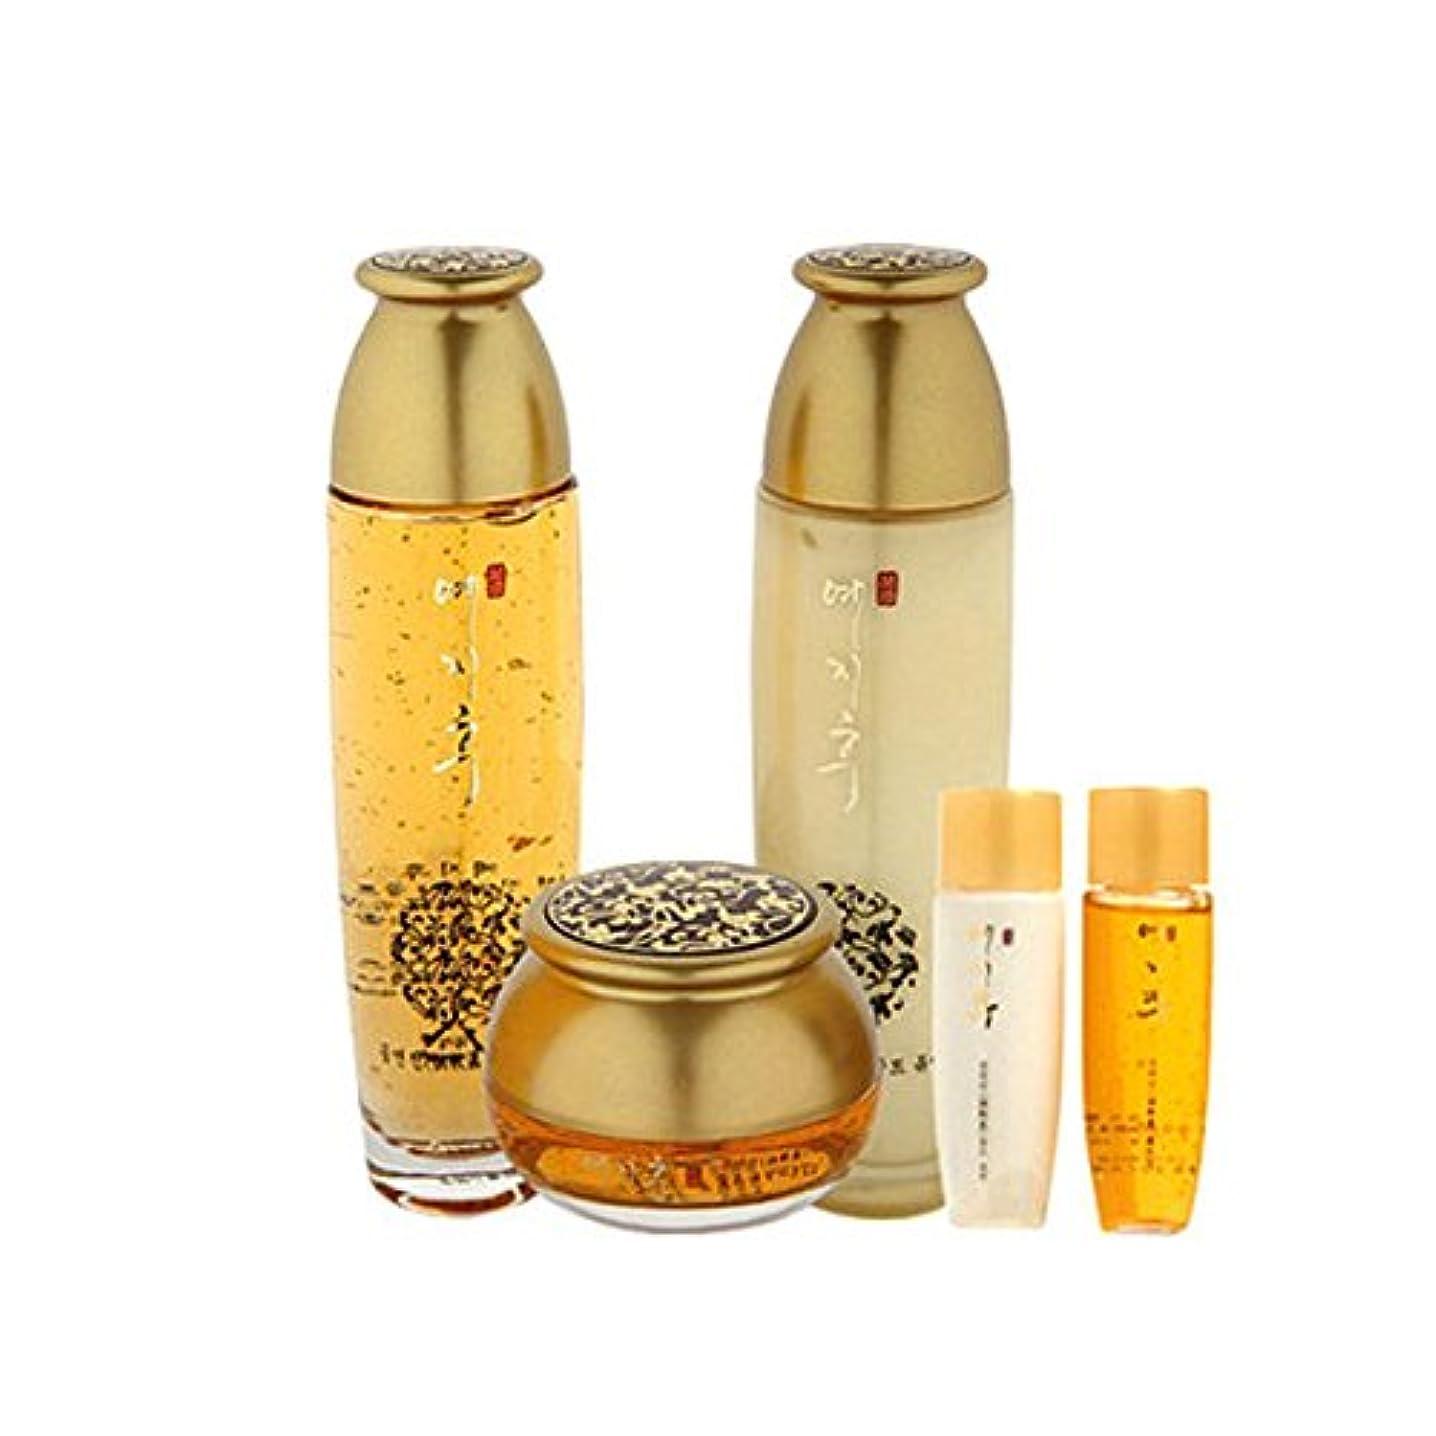 発言するパイプ虐殺[韓国コスメYEZIHU]99.9% Pure Gold Skin Care Set 99.9%ピュアゴールド漢方スキンケア3セット樹液/乳液/クリーム [並行輸入品]